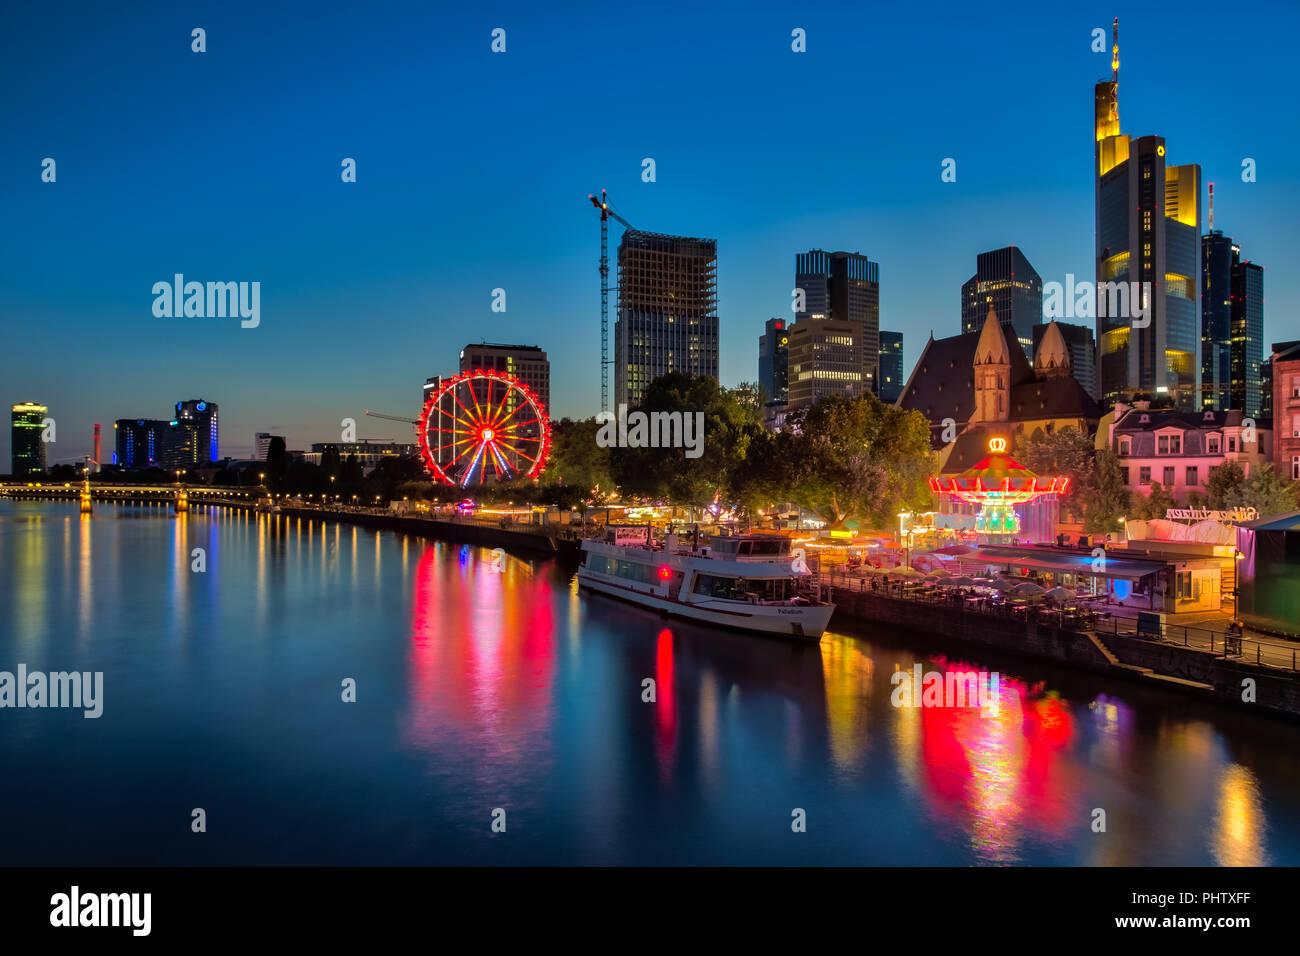 FRANKFURT AM MAIN, ALLEMAGNE - 07 août 2017: Frankfurt am Main - le fonds de commerce de l'Allemagne dans la nuit. View of illuminated skyscrapers Photo Stock